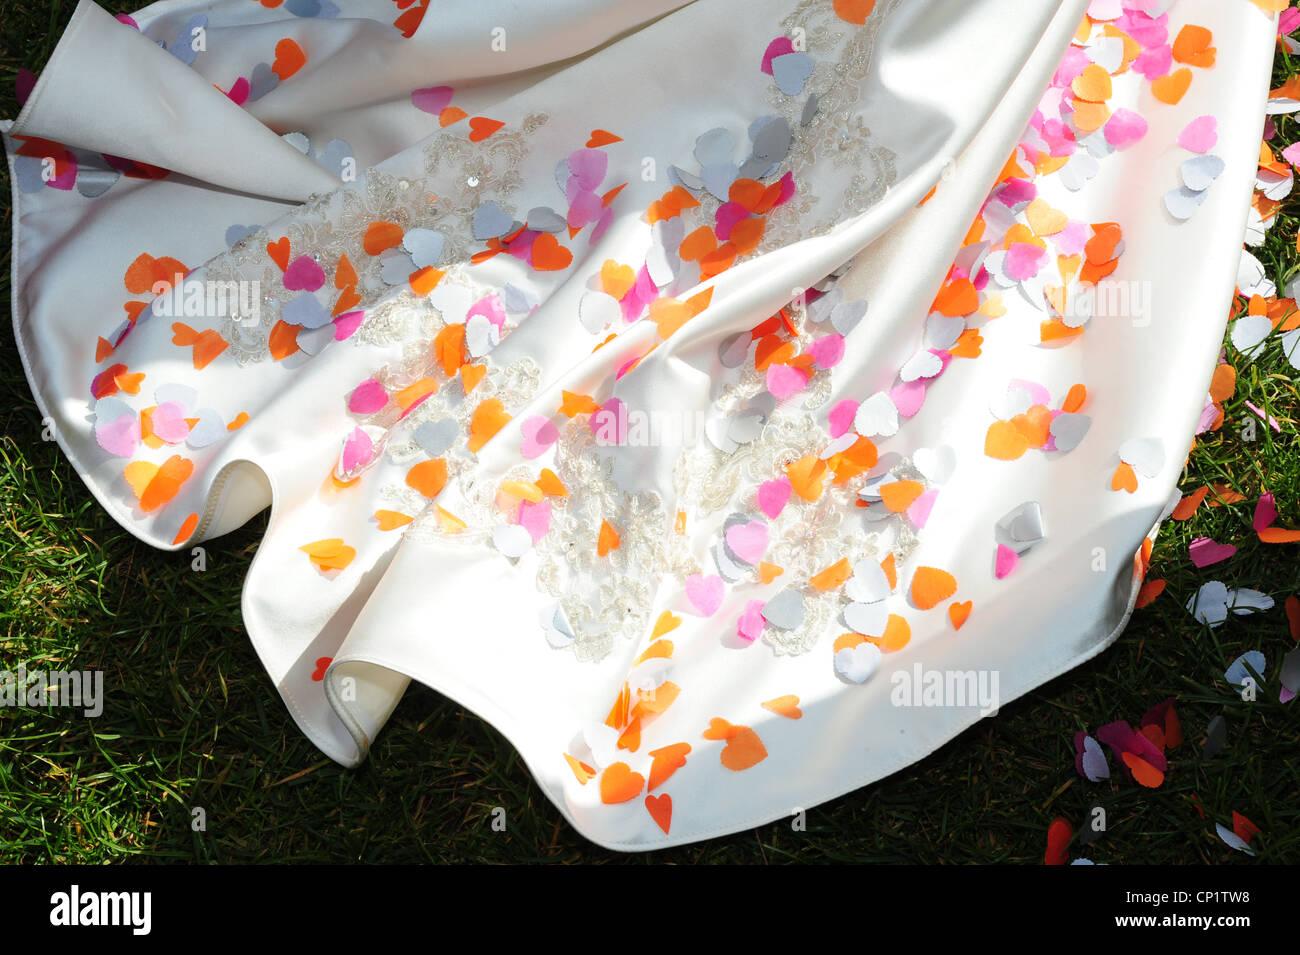 Matrimonio e confetti bouquet abito da sposa in treno Immagini Stock